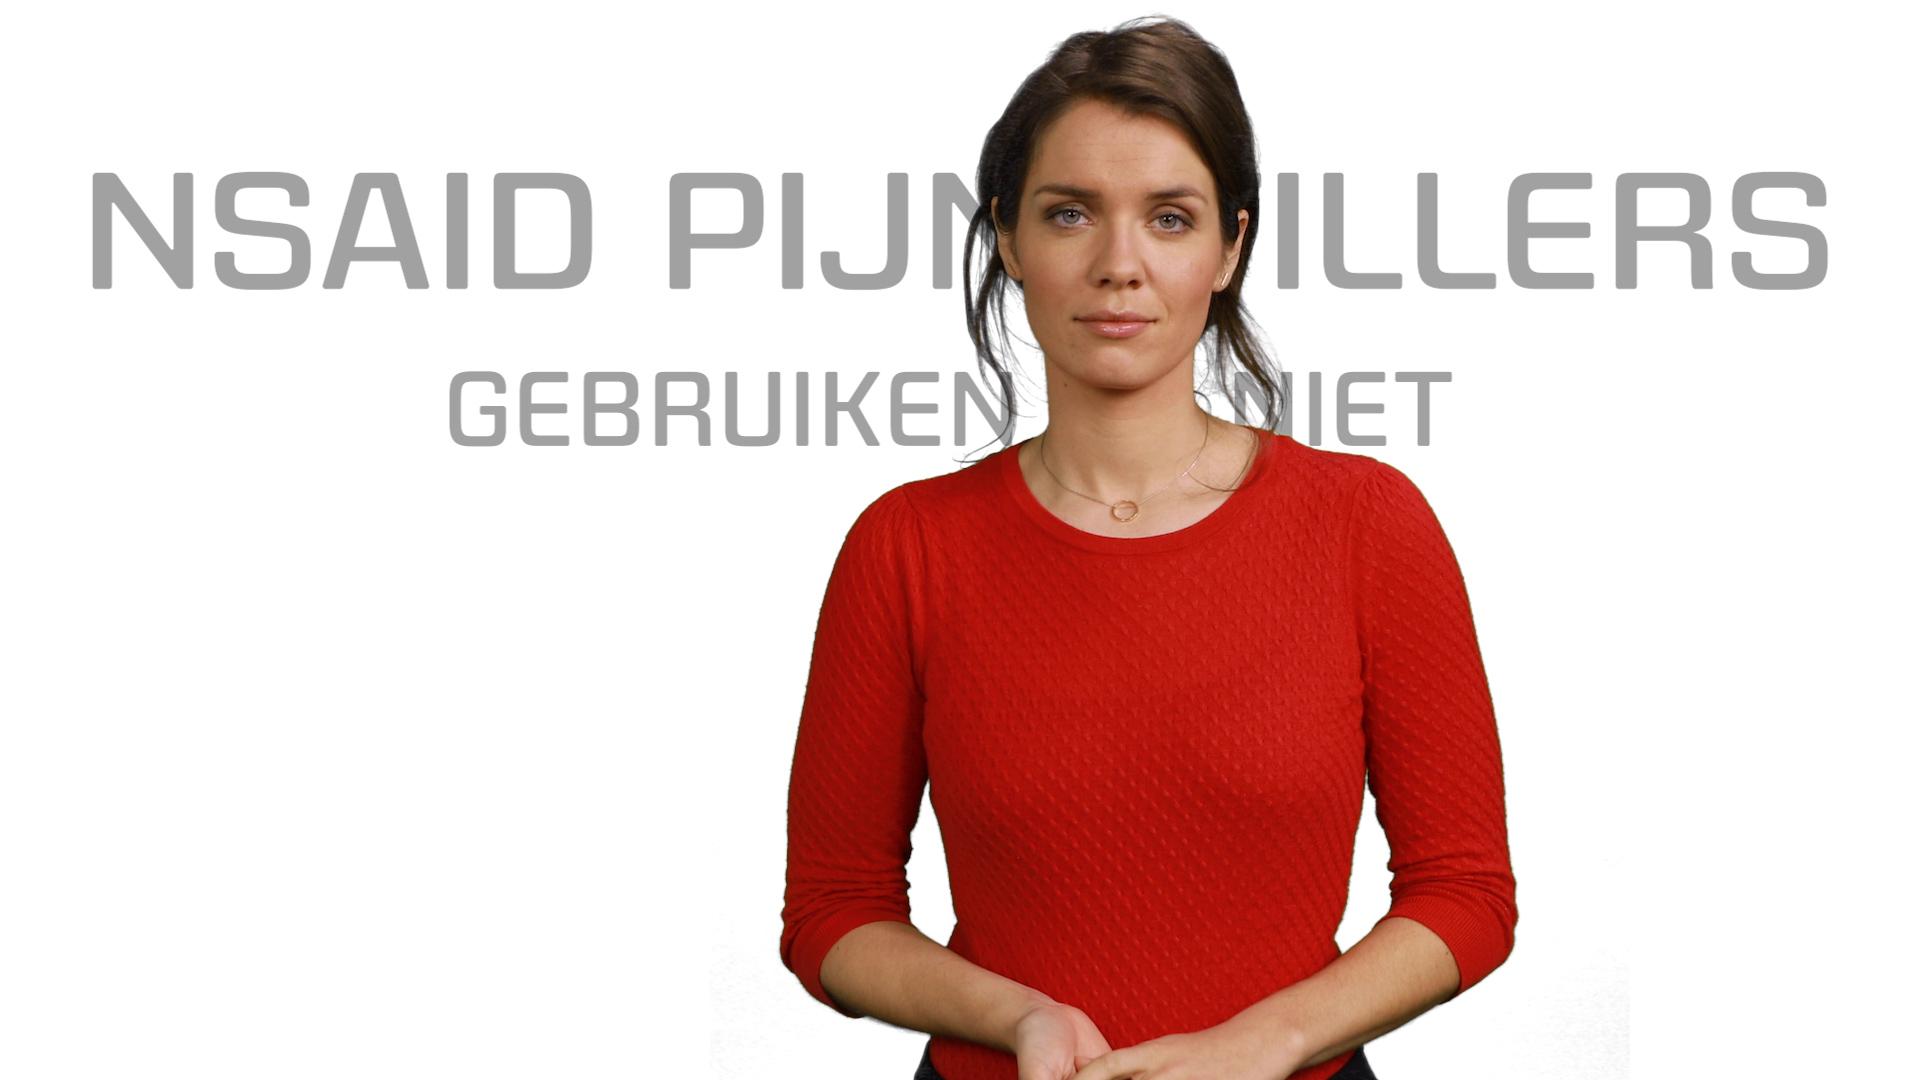 Bekijk de video: NSAID pijnstillers gebruiken of niet